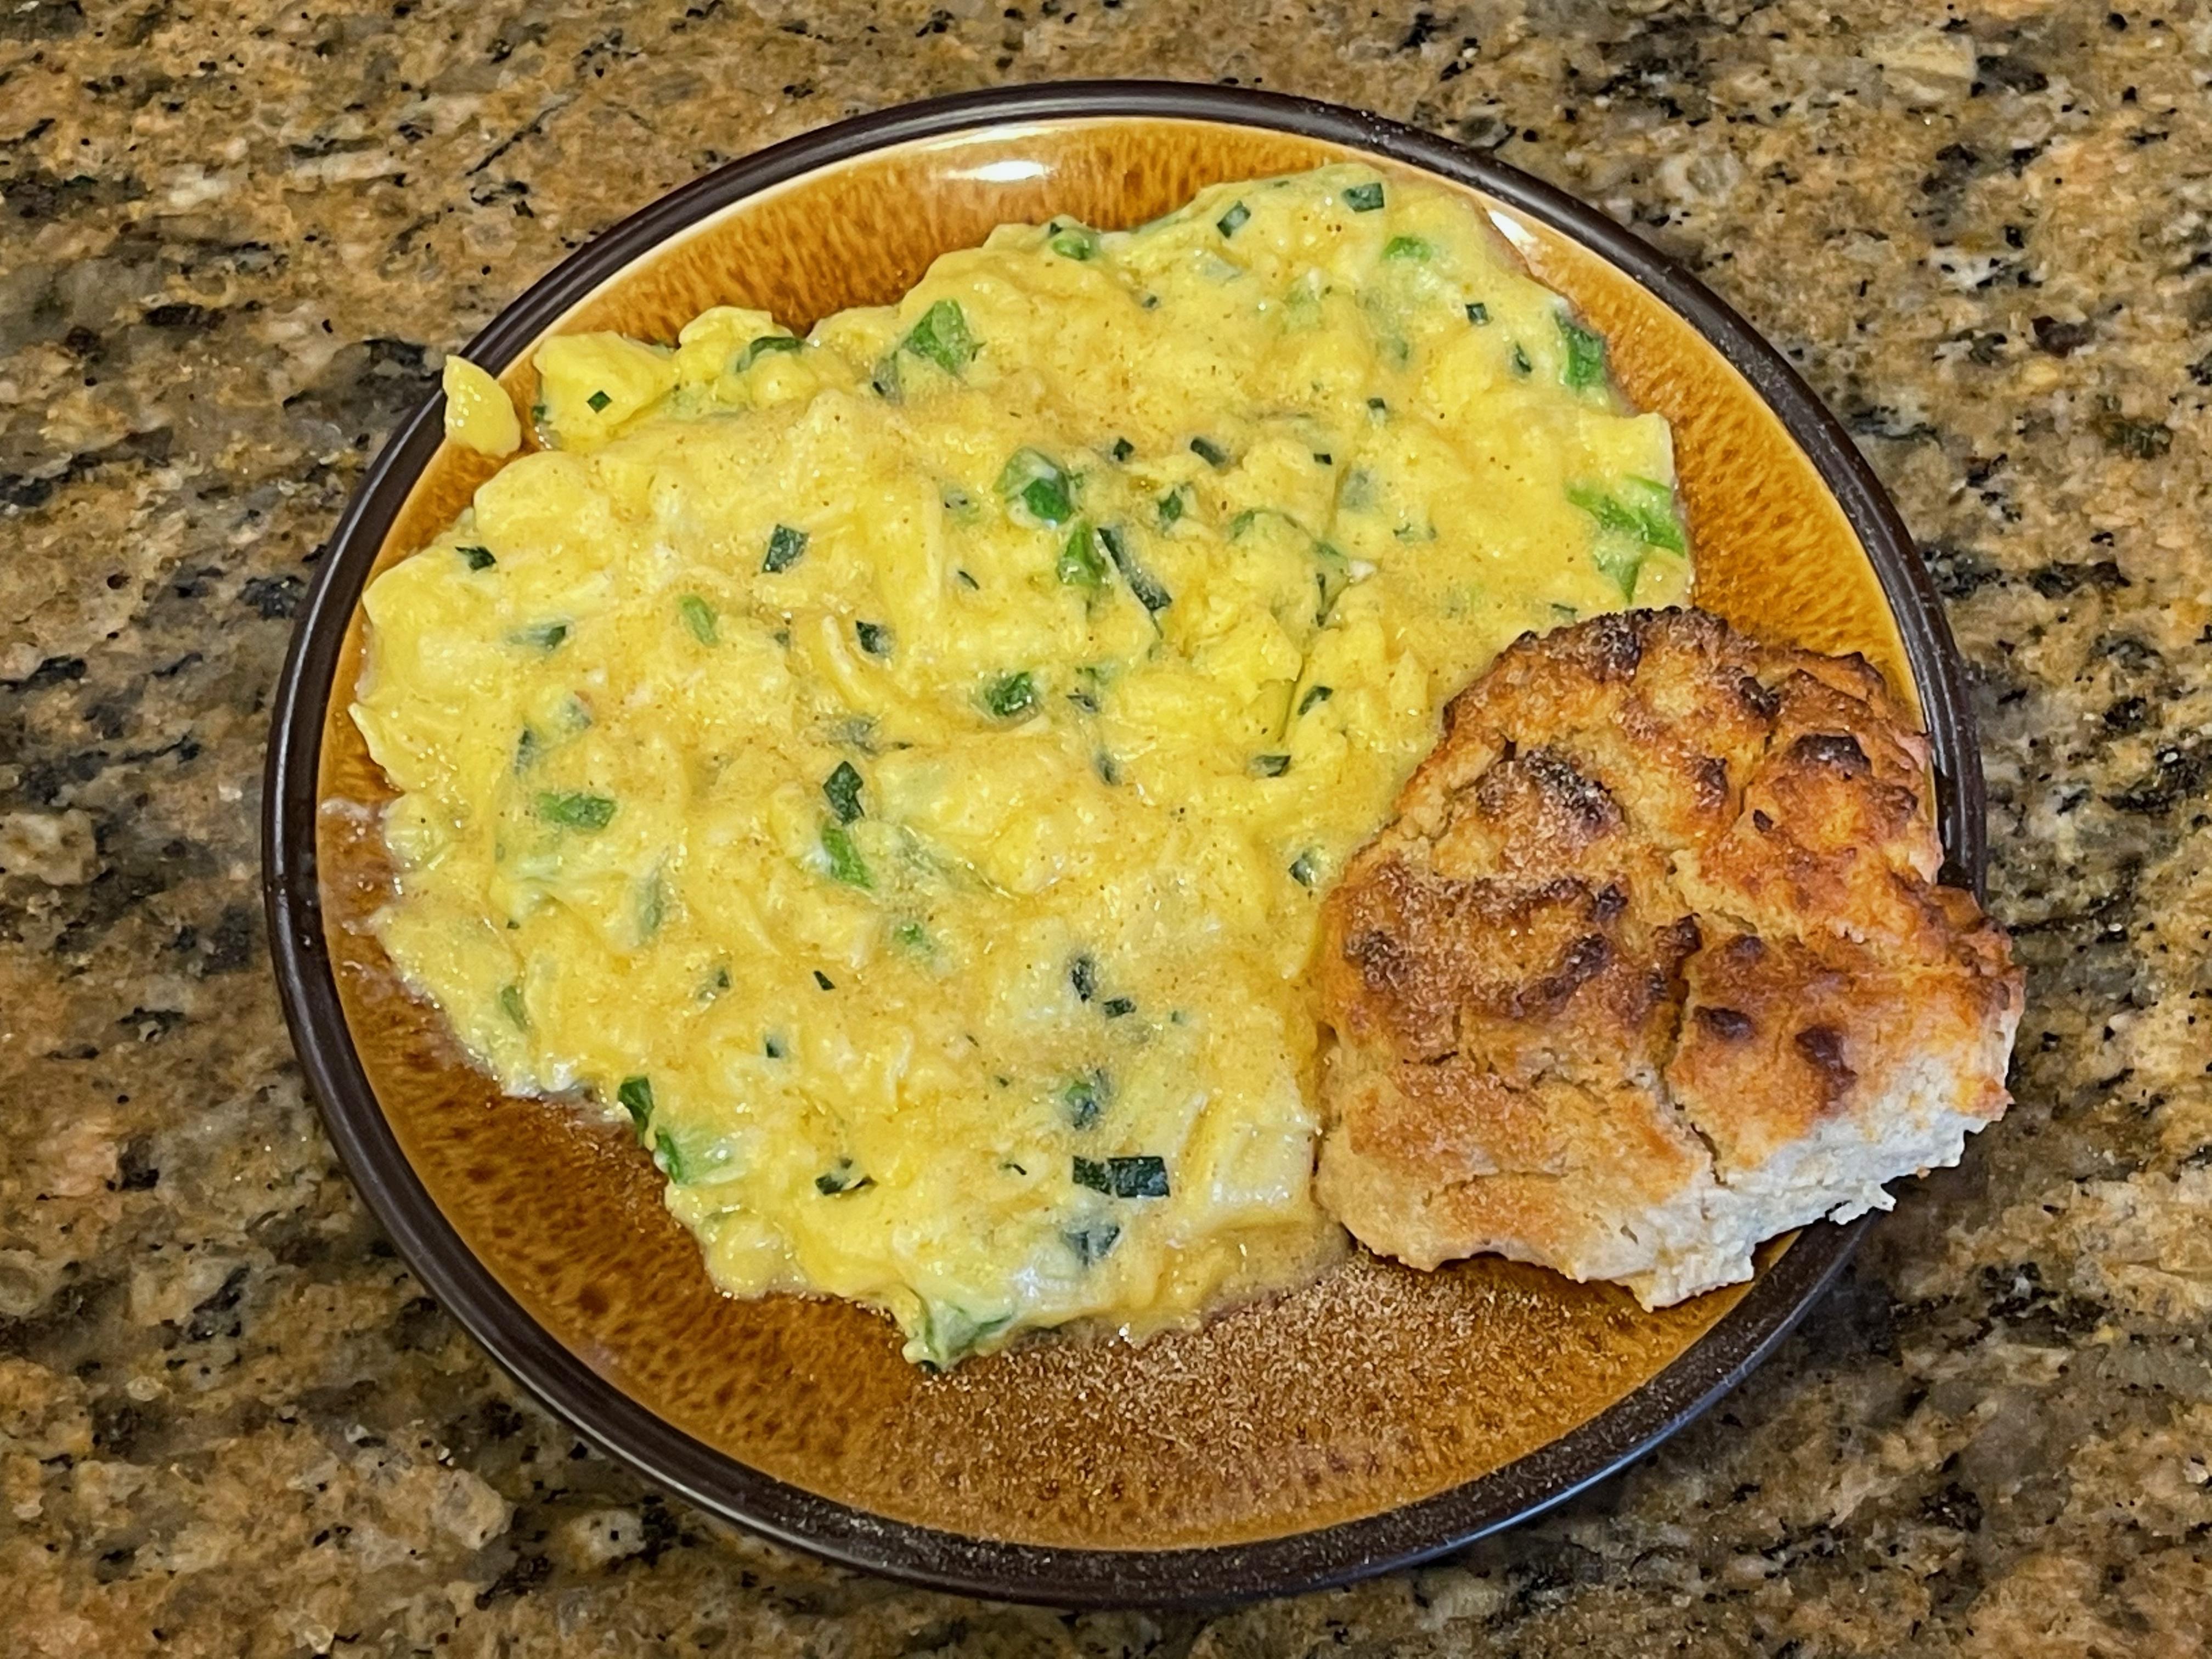 Extra-Creamy Scrambled Eggs (J. Kenji López-Alt)